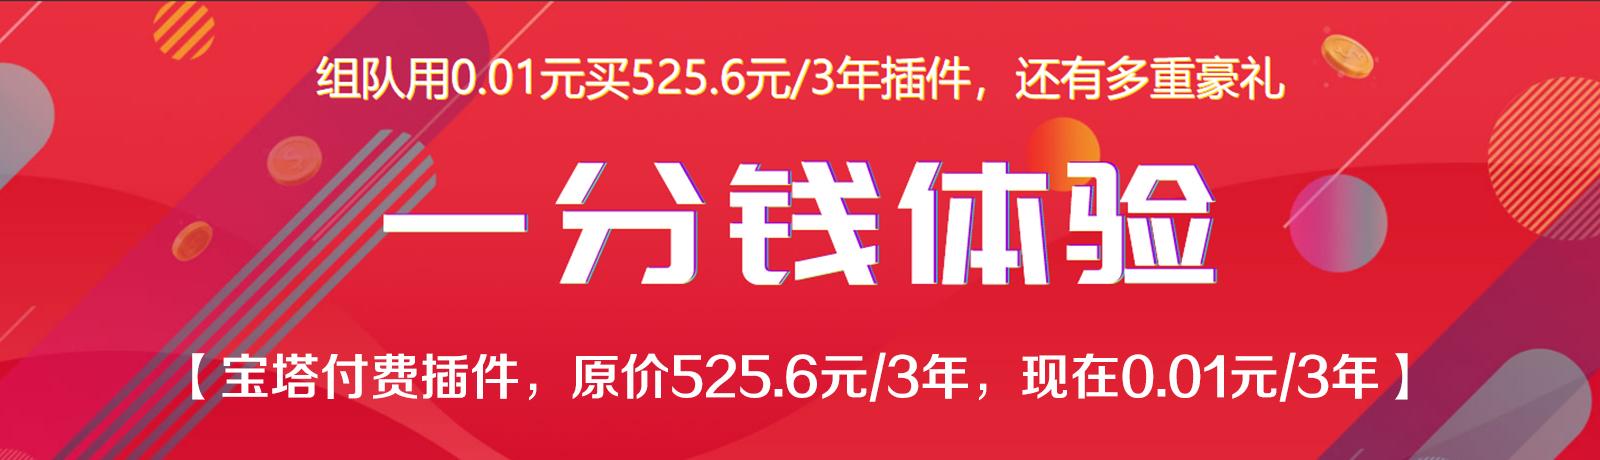 宝塔(BT.CN)面板1分钱可购买3年的异常监控推送和小程序插件